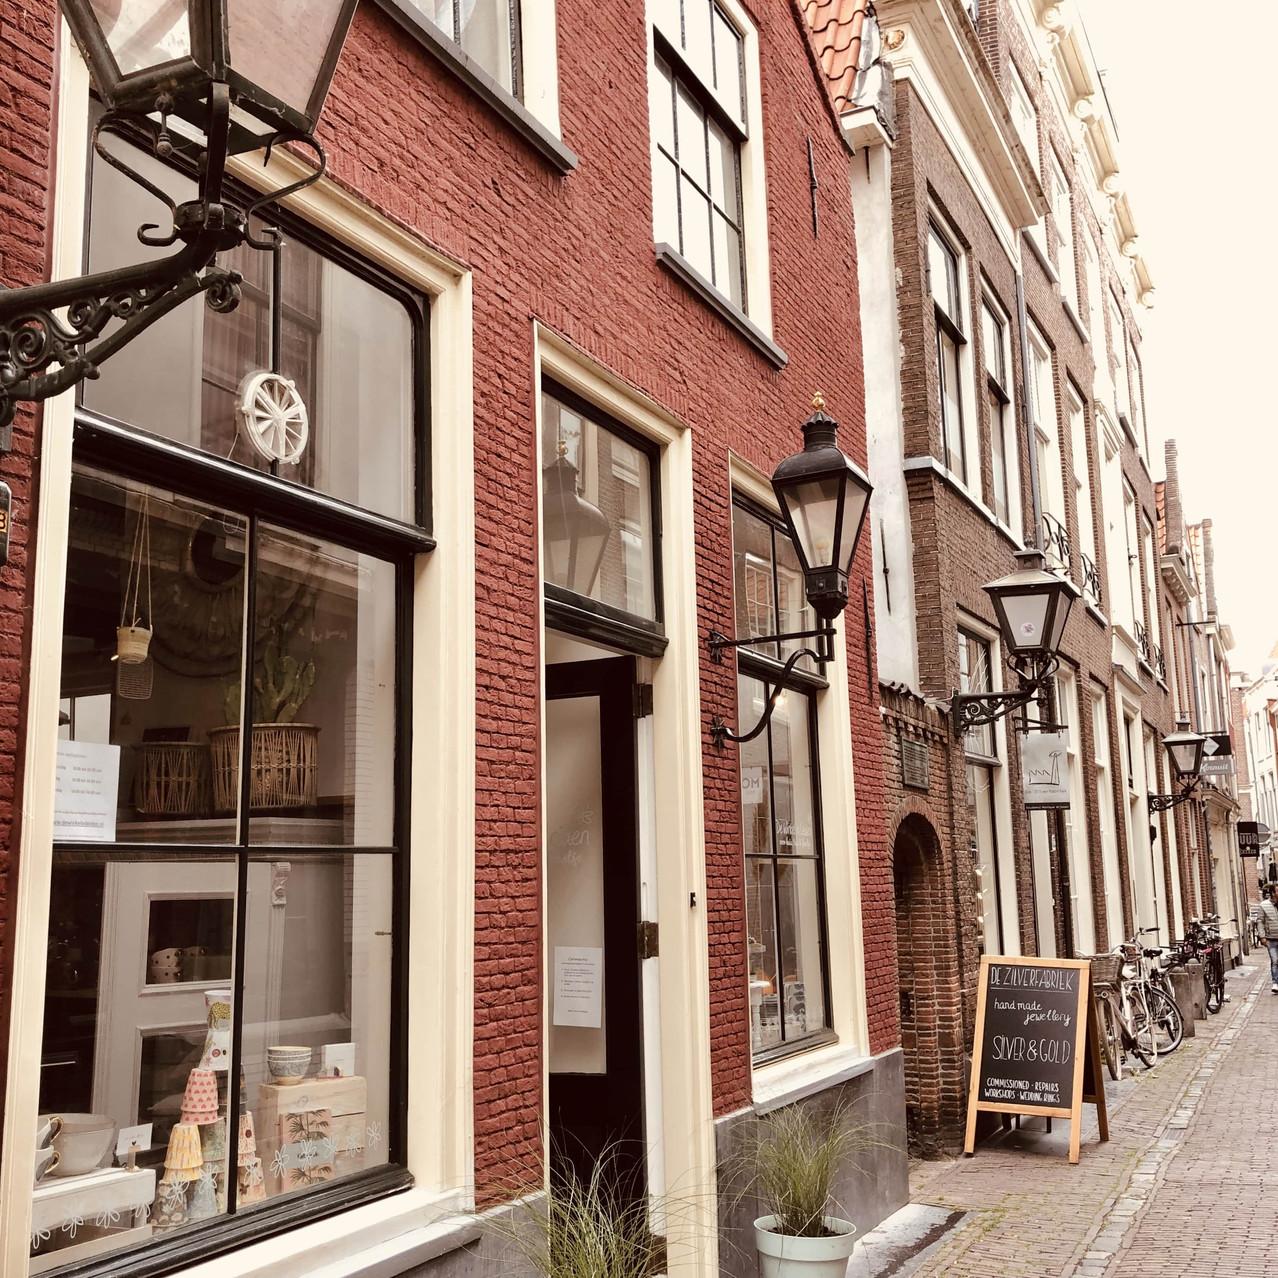 De Winkel in Leiden alley Netherlands